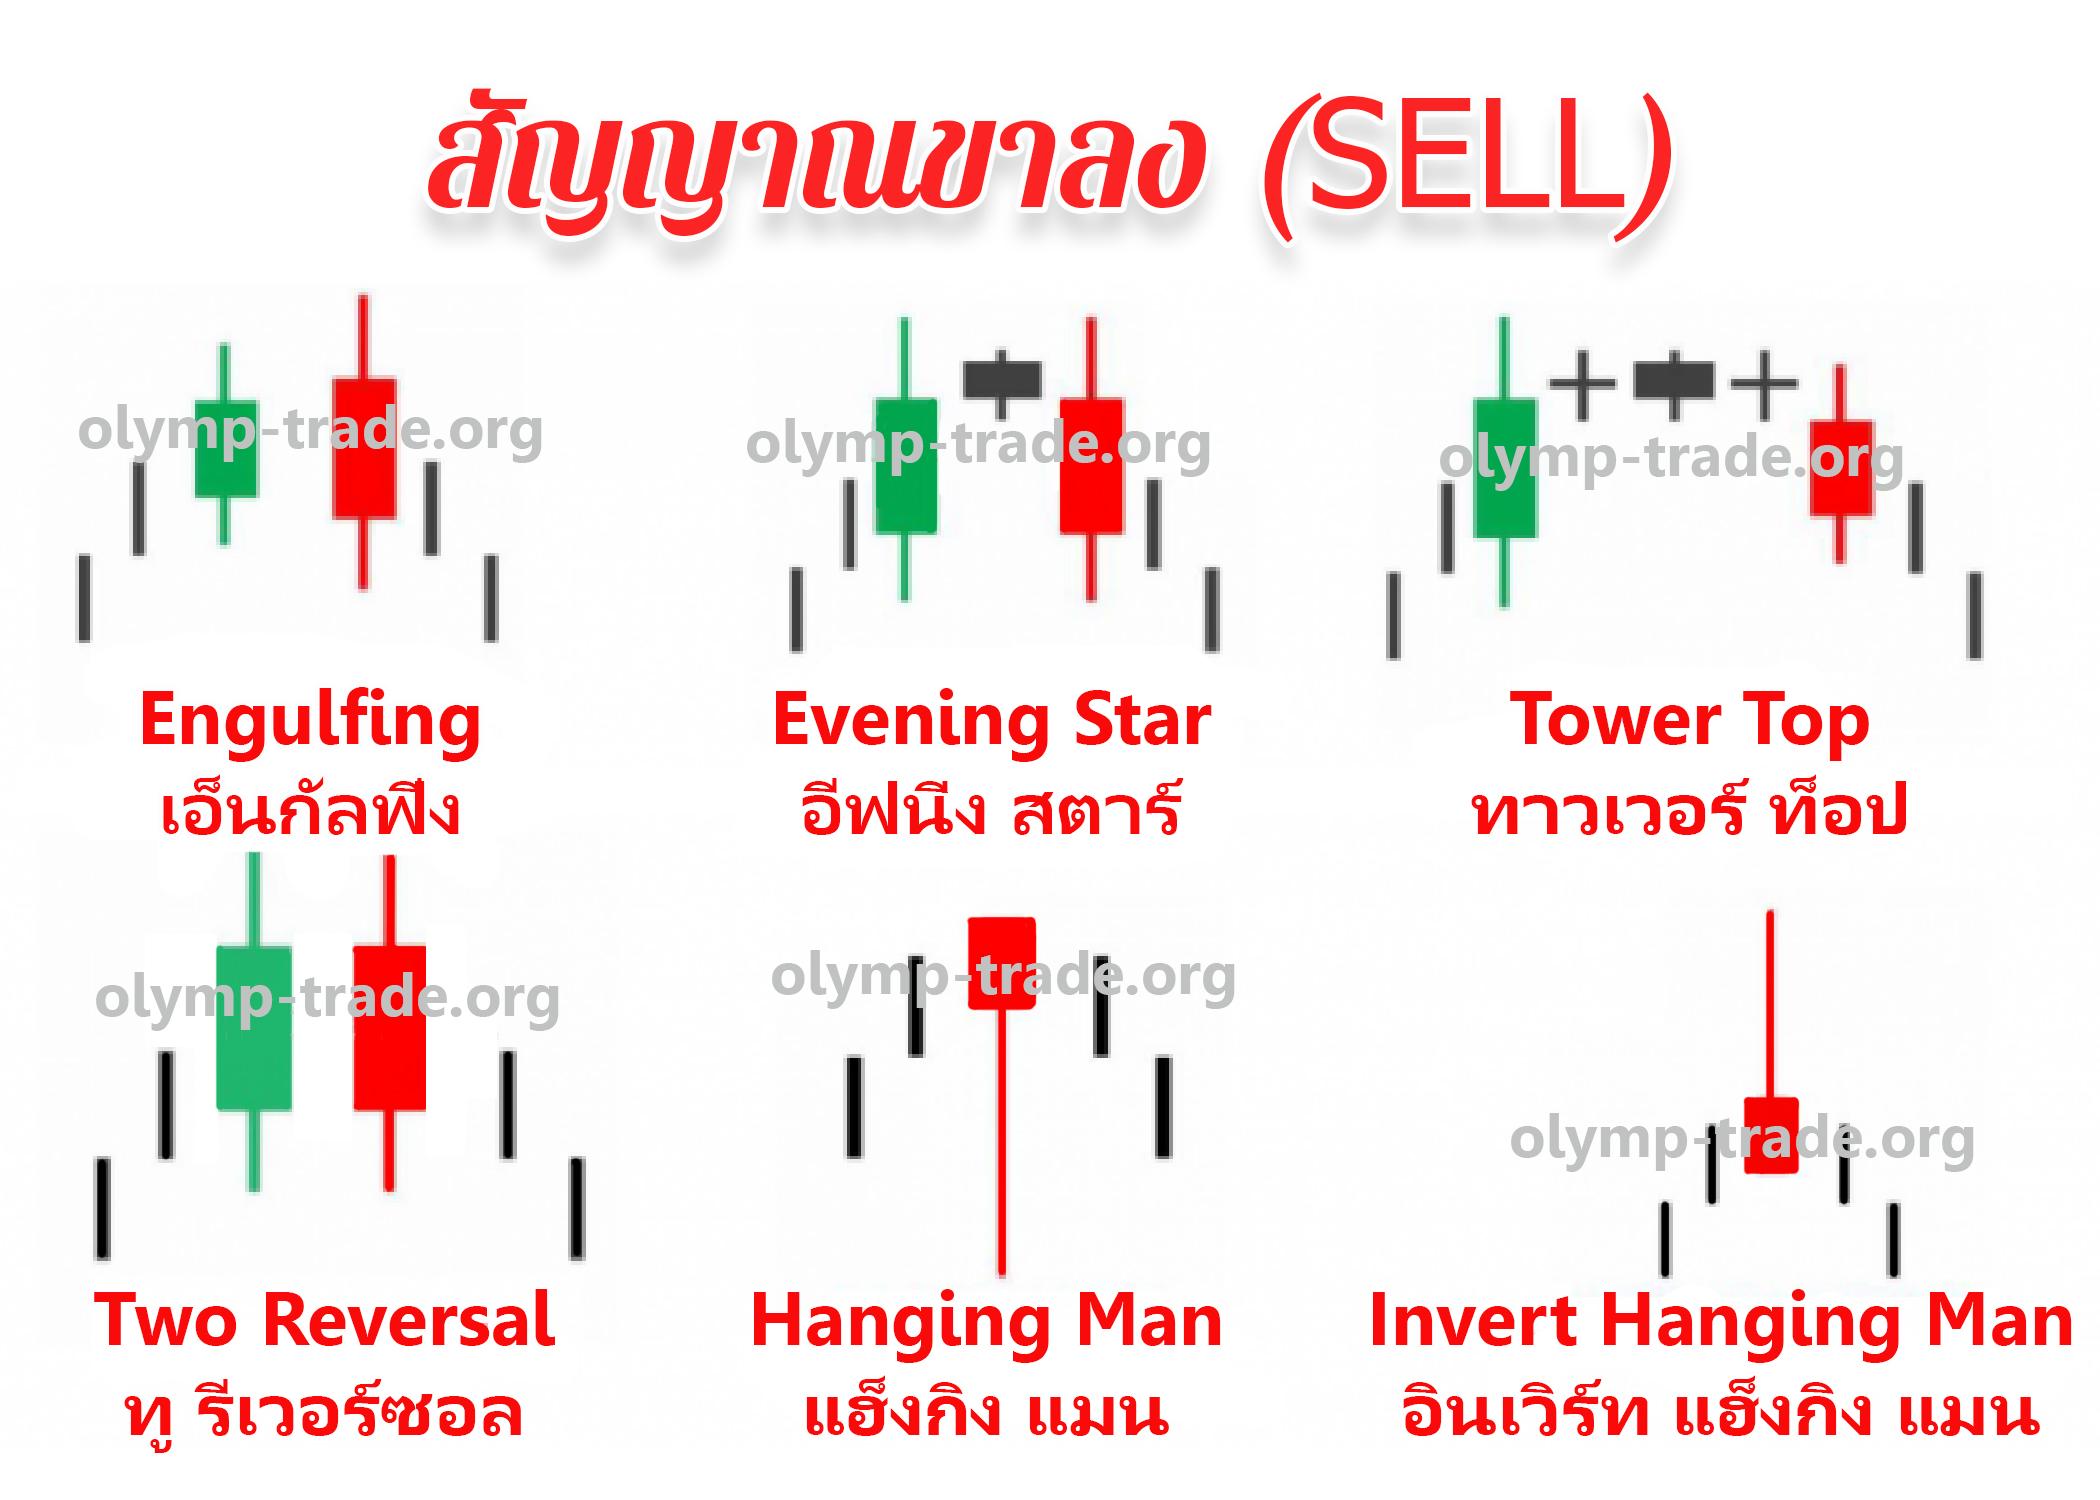 Price action bearish-olymp-trade.org